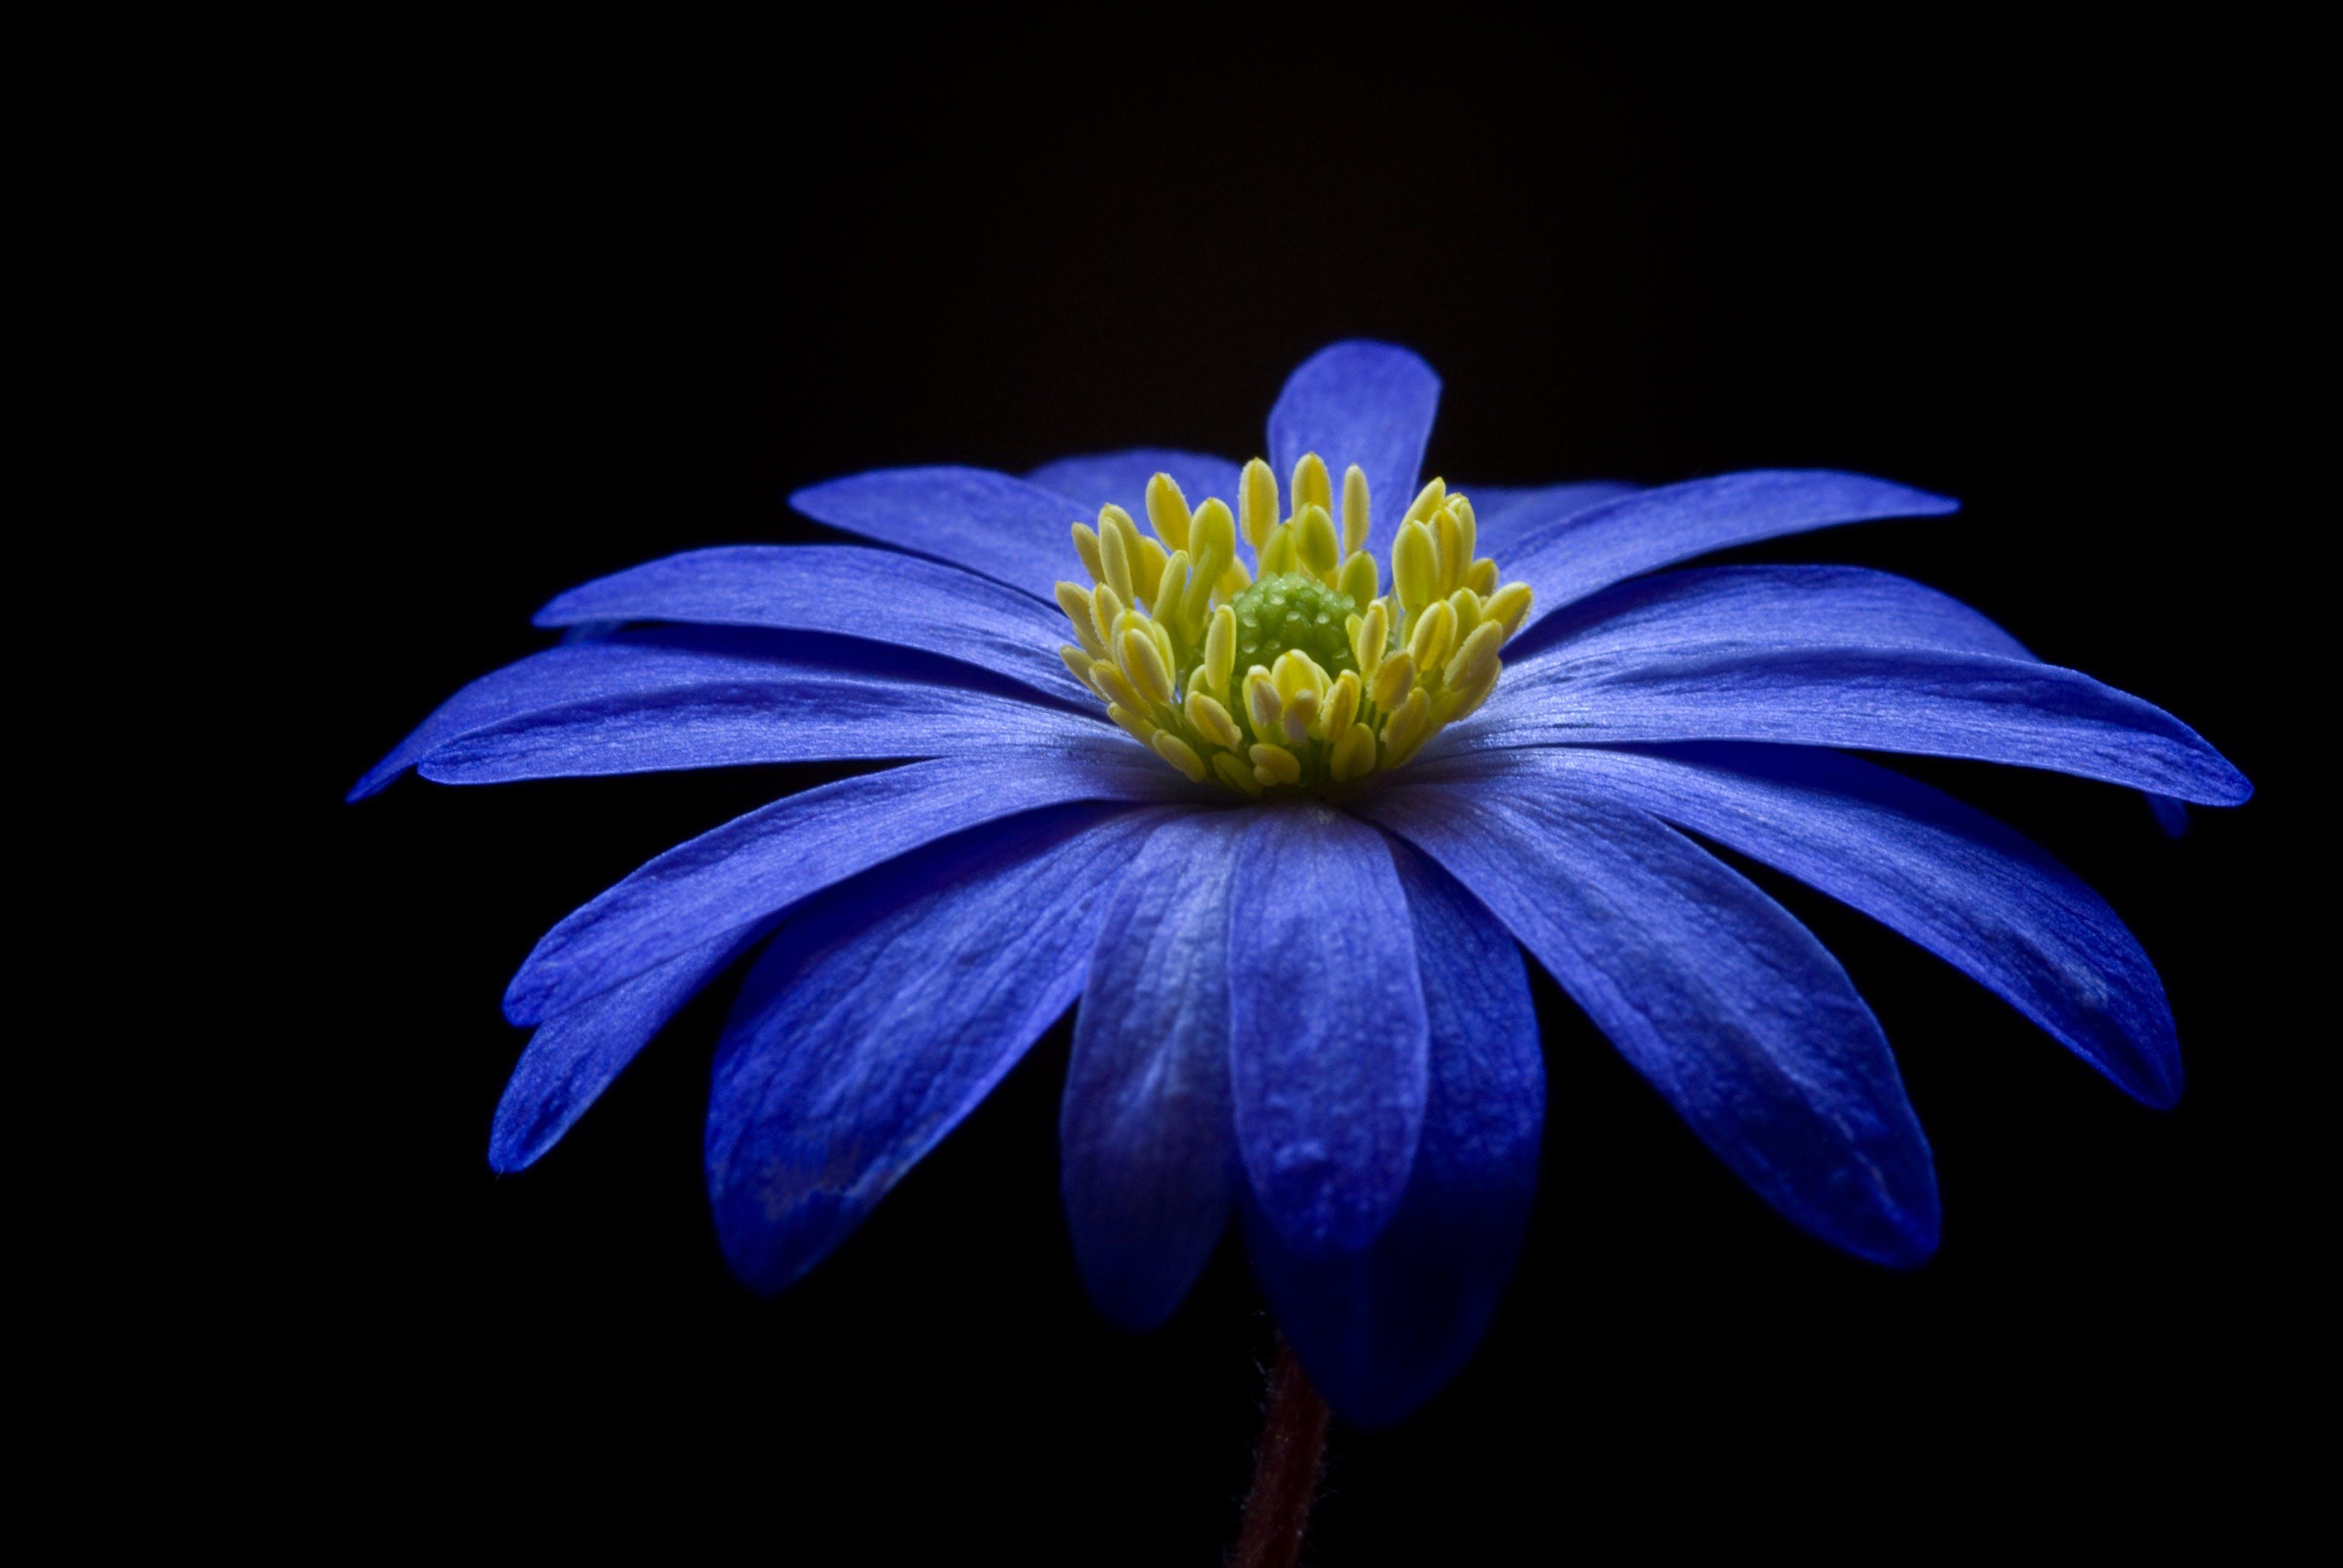 คลังภาพถ่ายฟรี ของ ดอกไม้ทะเล, ดอกไม้ทะเล apennina, พฤกษา, วอลล์เปเปอร์ HD